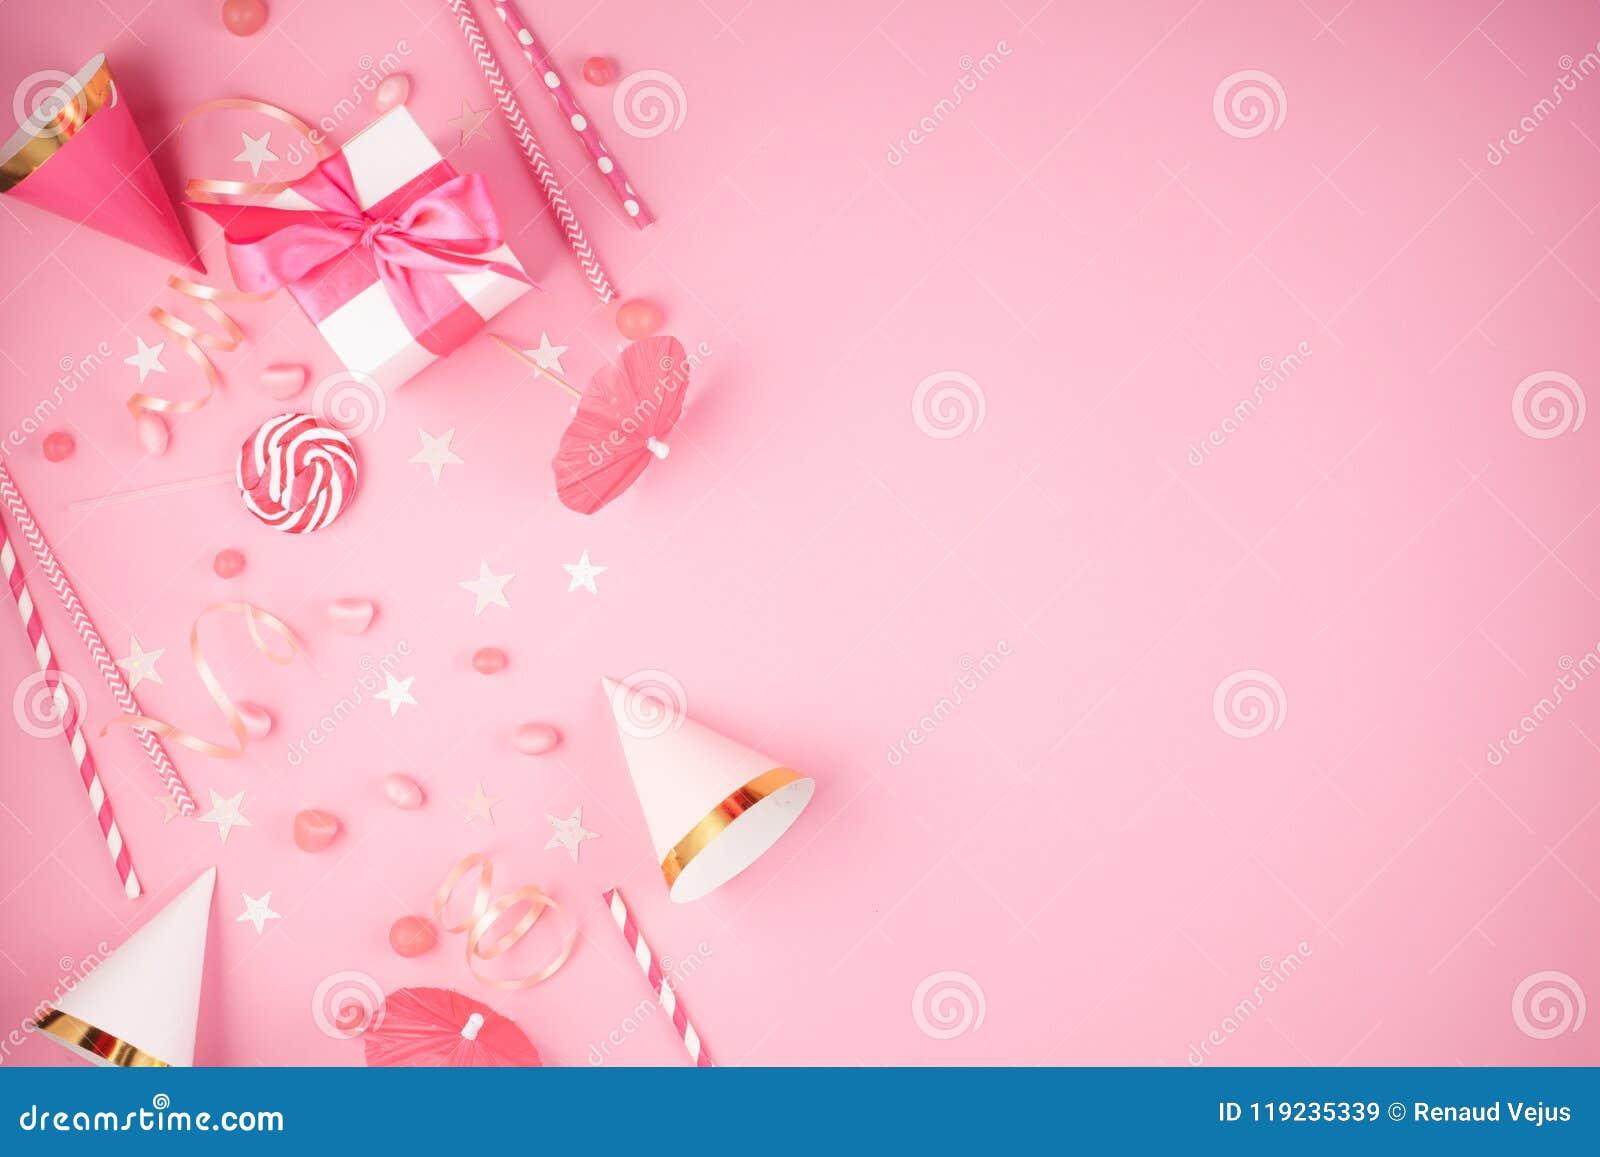 Acessórios do partido das meninas sobre o fundo cor-de-rosa Convite, bi